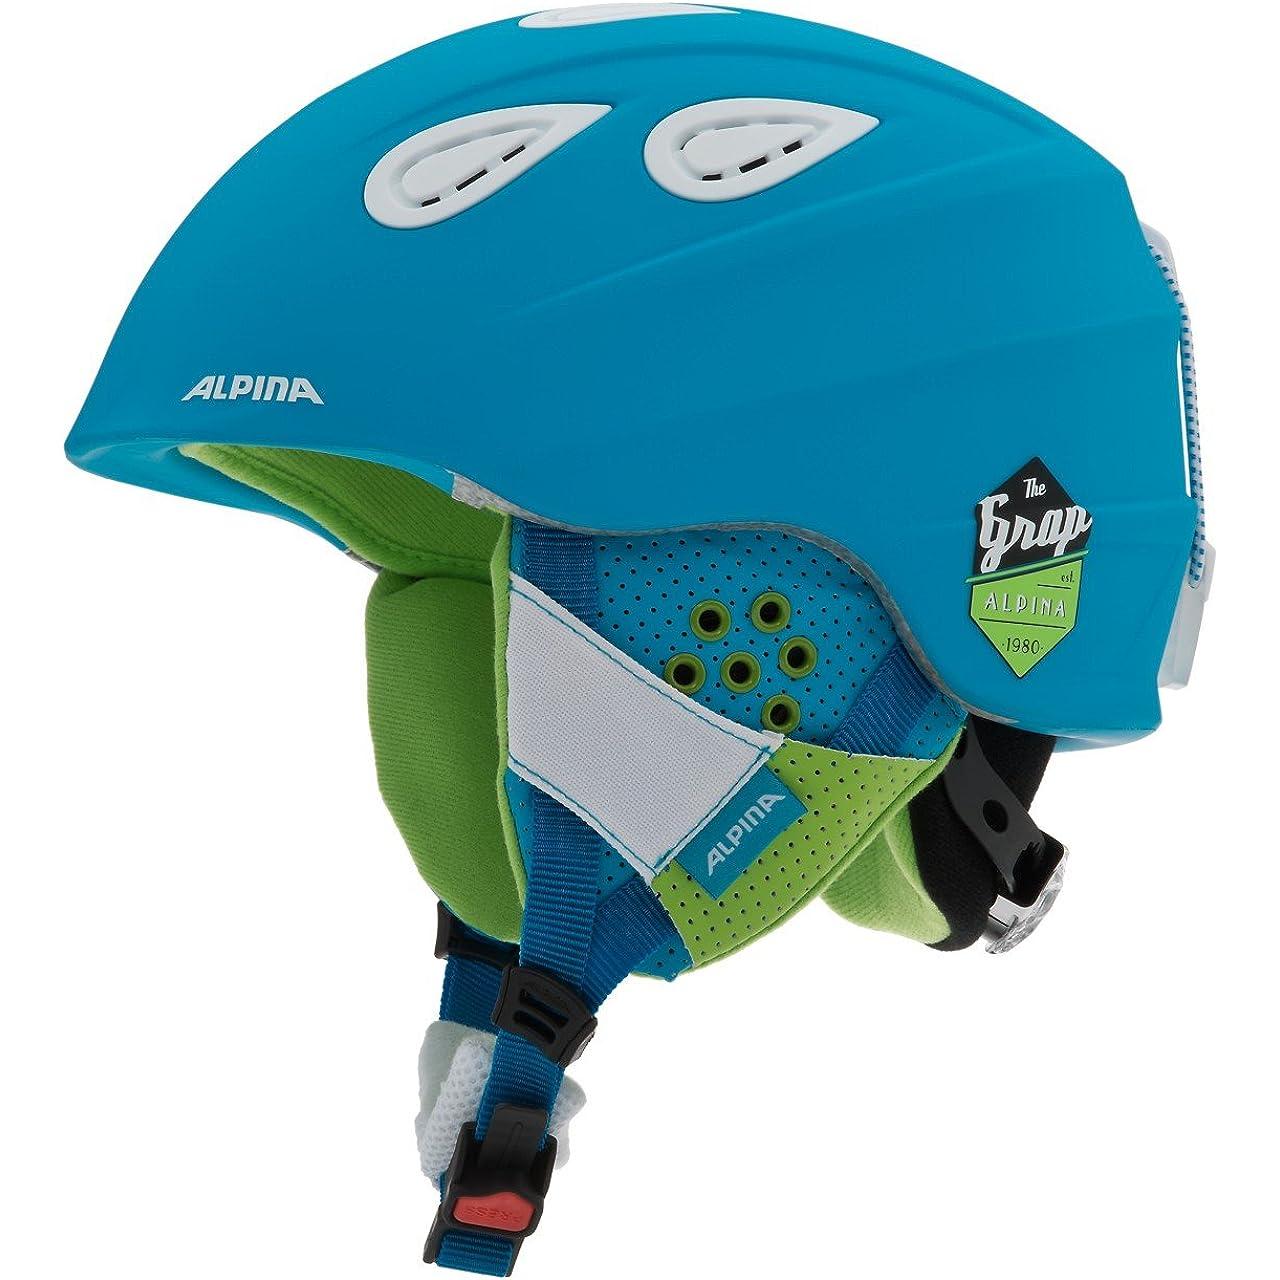 Auch farbenfrohe Modelle (z.B. von Alpina) sind auf dem Markt zu finden.